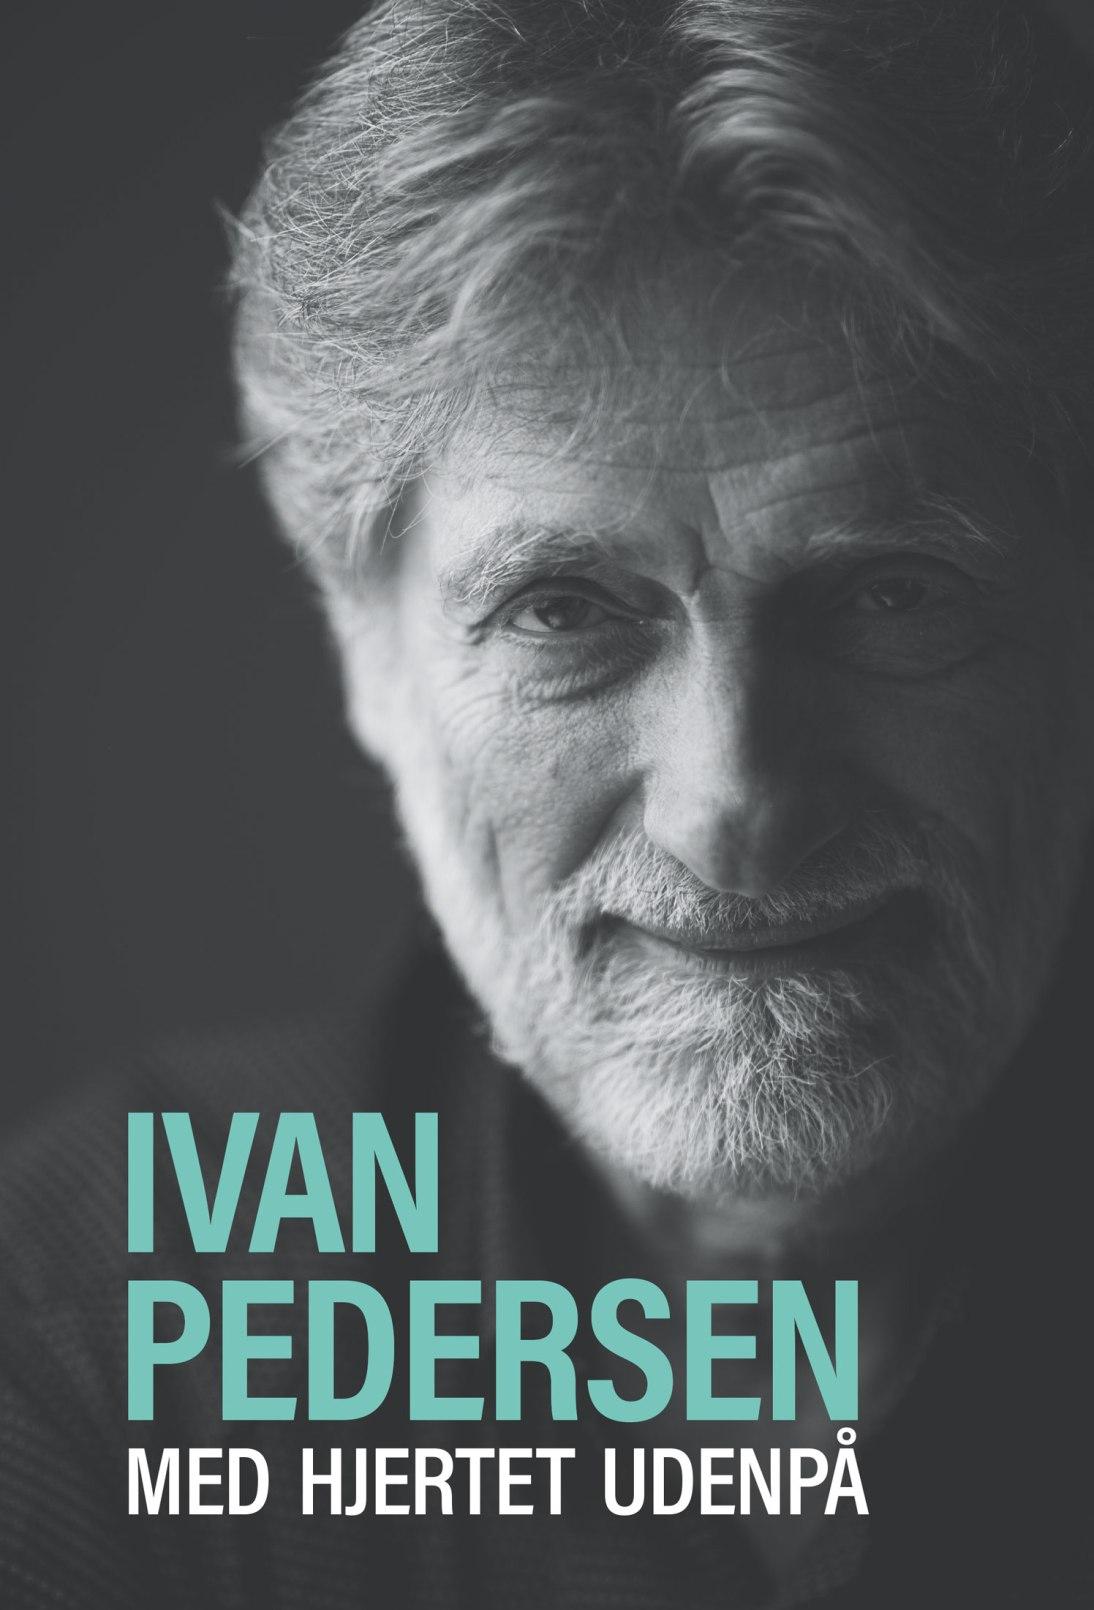 Ivan_Pedersen.jpg